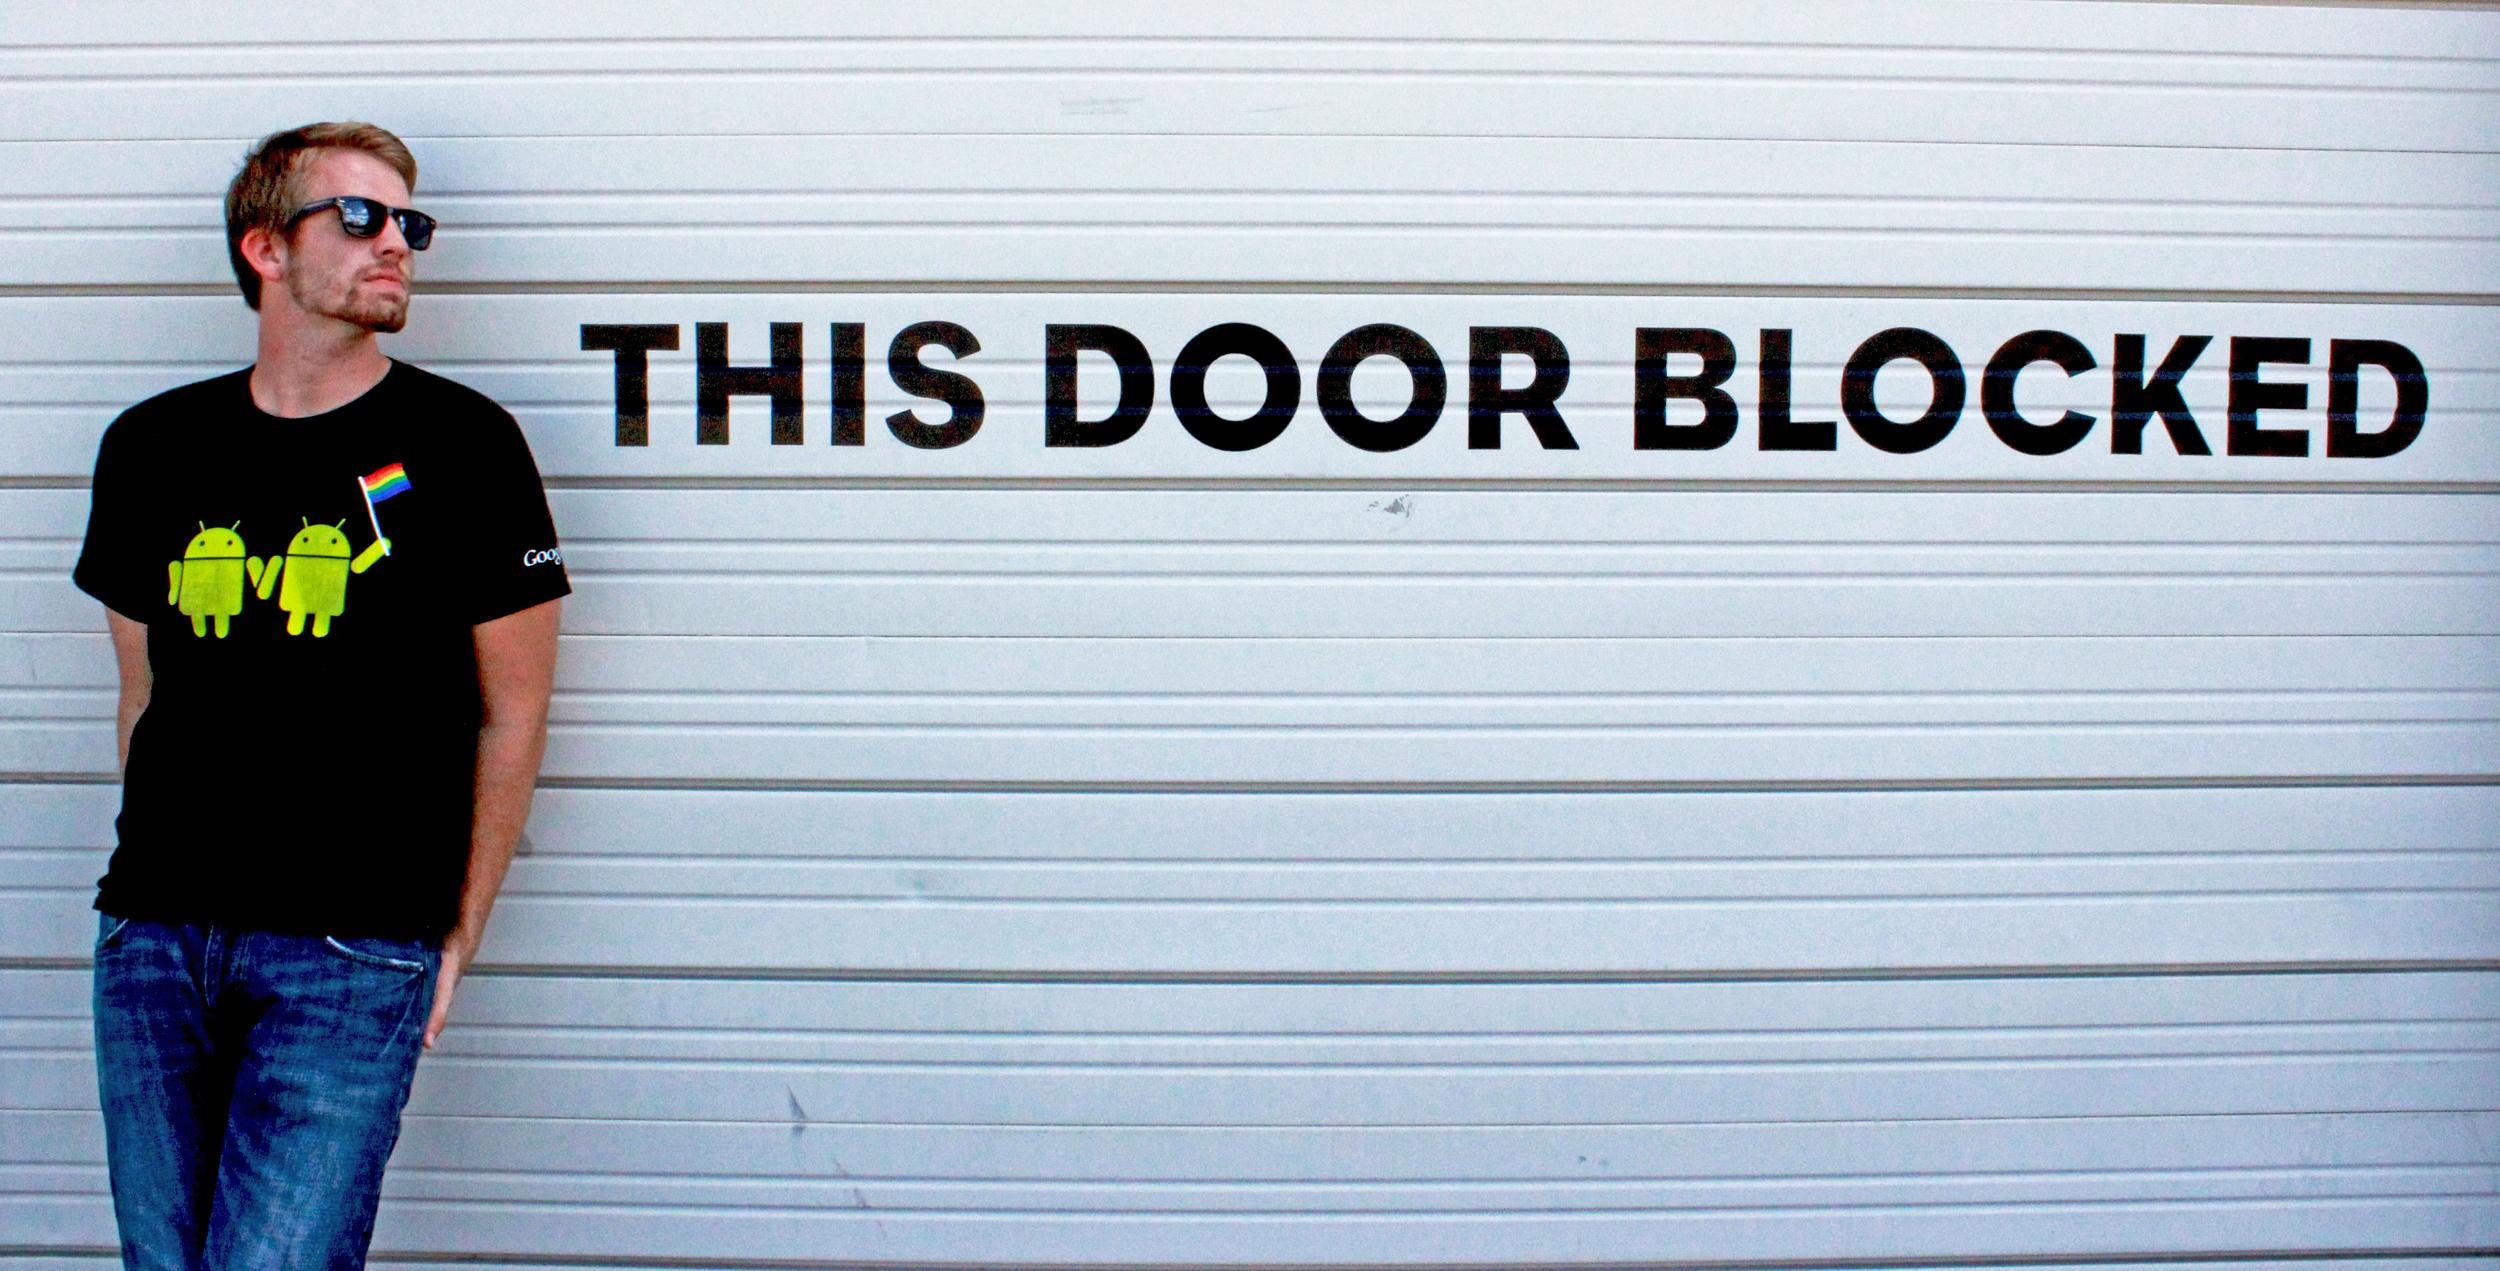 doorisblocked.jpg